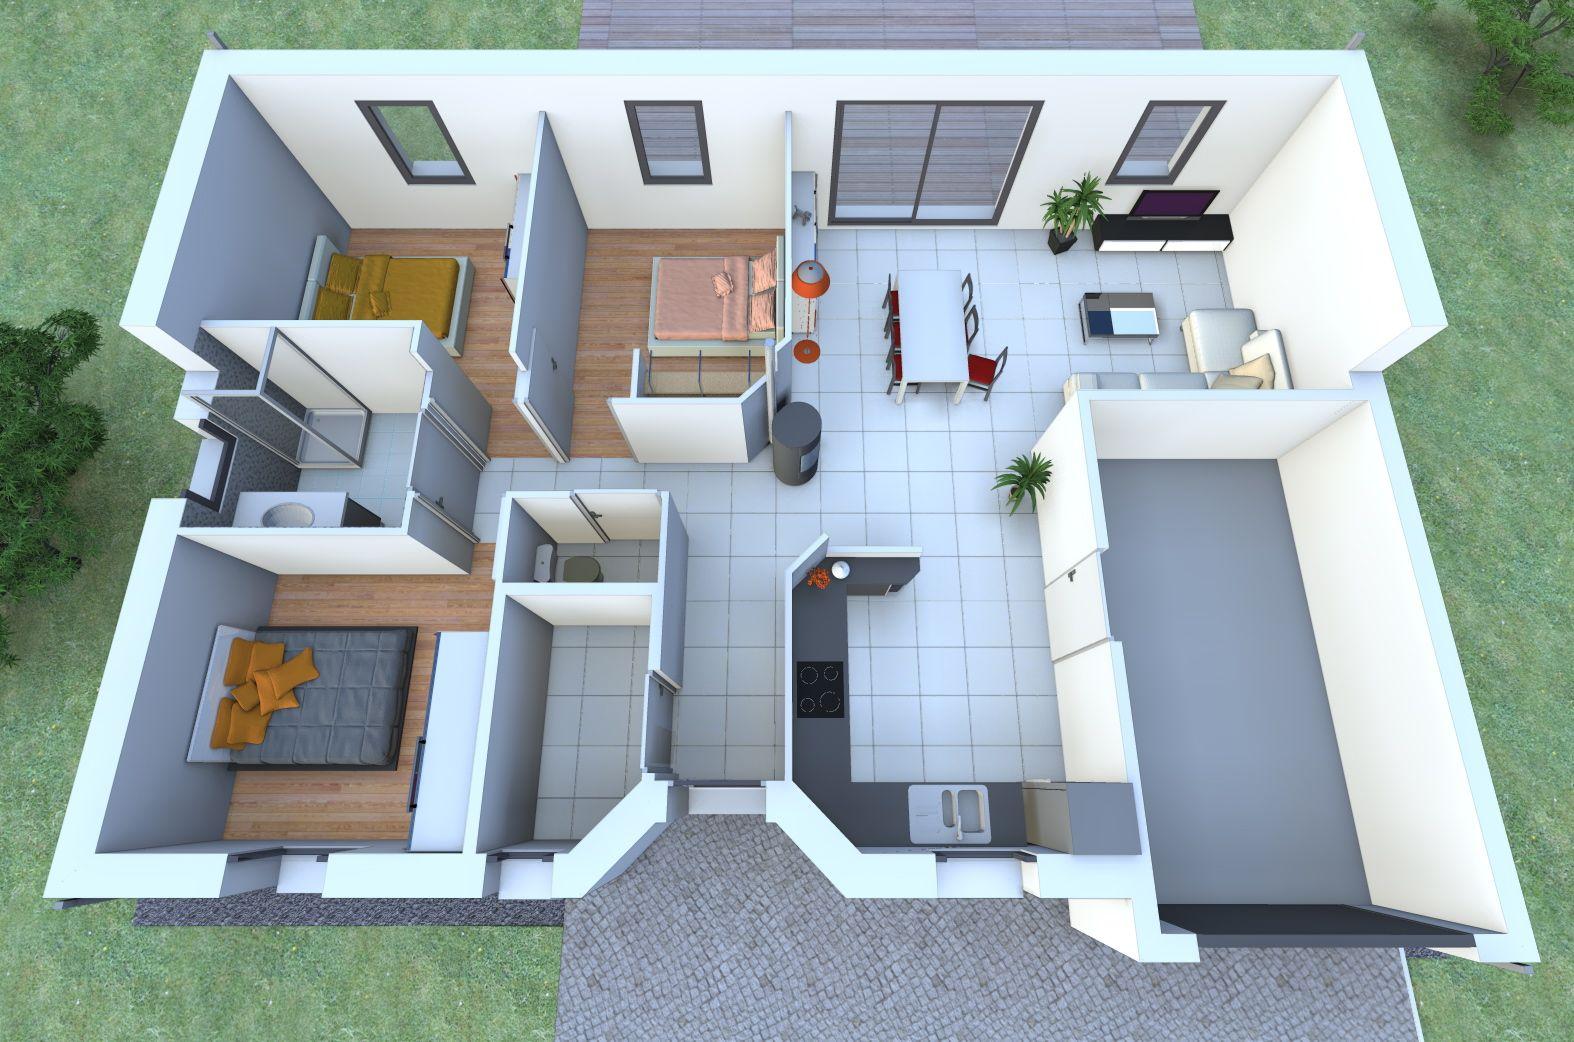 une maison de plain pied avec 3 chambres vous fait r ver nous avons imagin pour vous un mod le. Black Bedroom Furniture Sets. Home Design Ideas